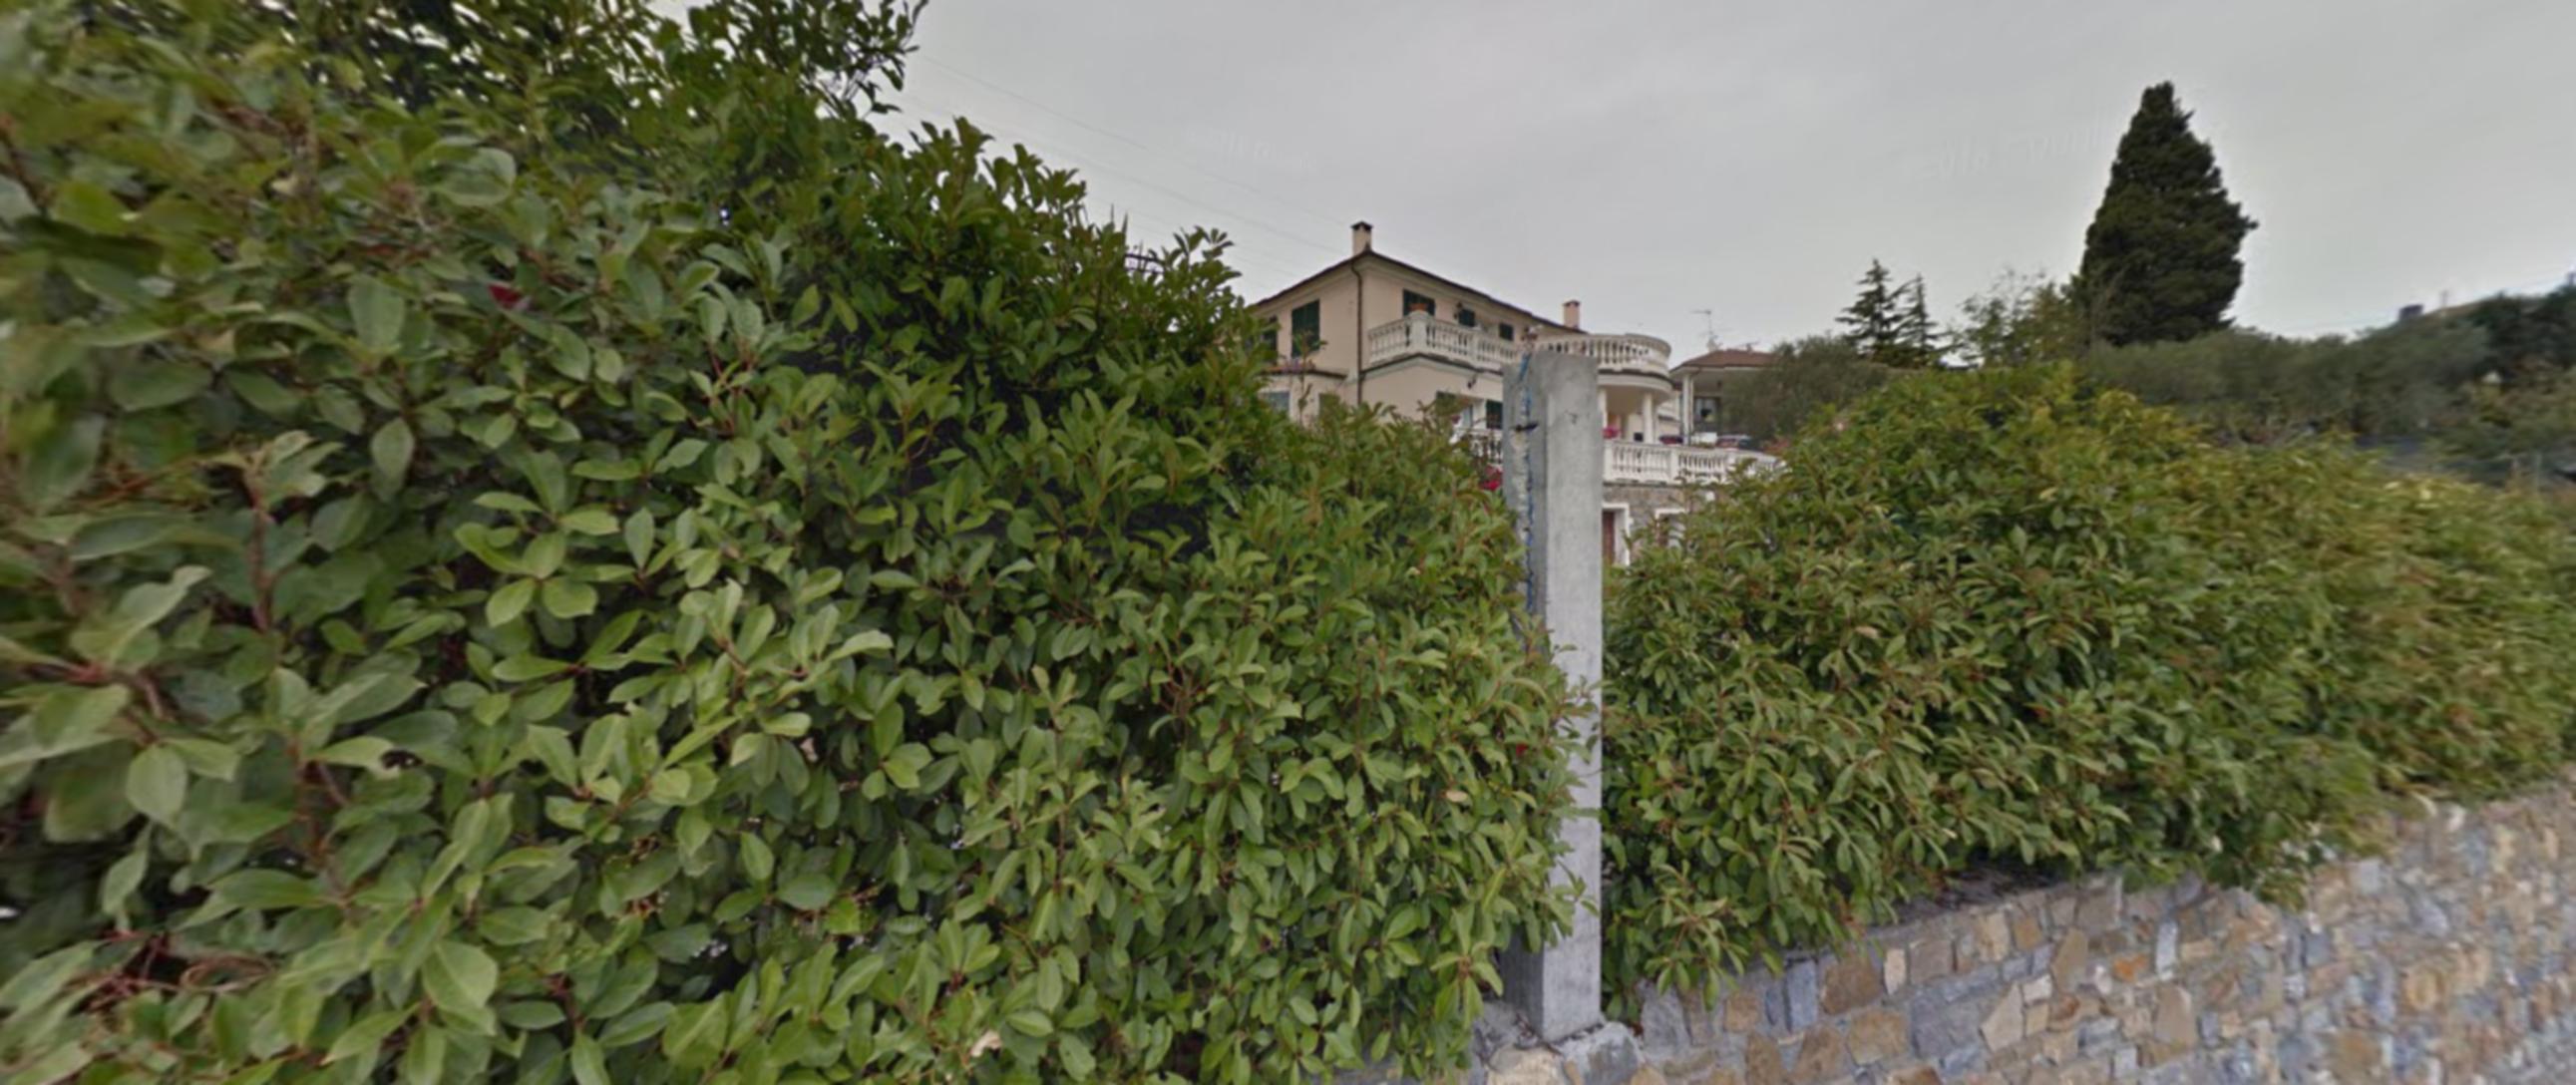 A close up of a garden at B & B Villa Isabella.